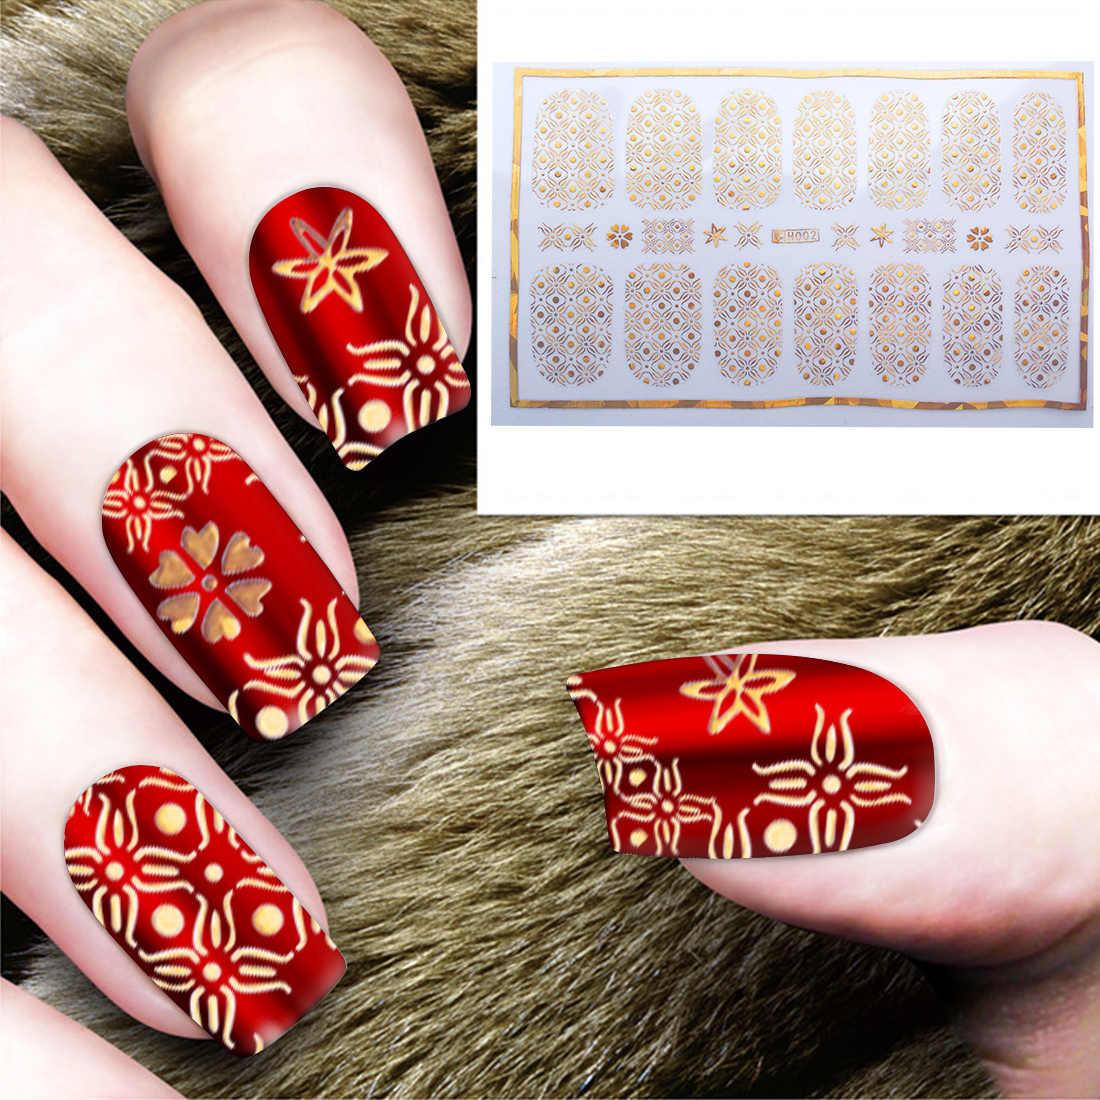 1 feuille autocollants pour doigts géométriques en forme d'étoile de vigne en forme de flocon de neige autocollant pour ongles en or fleur en métal 3D couverture complète en papier scintillant